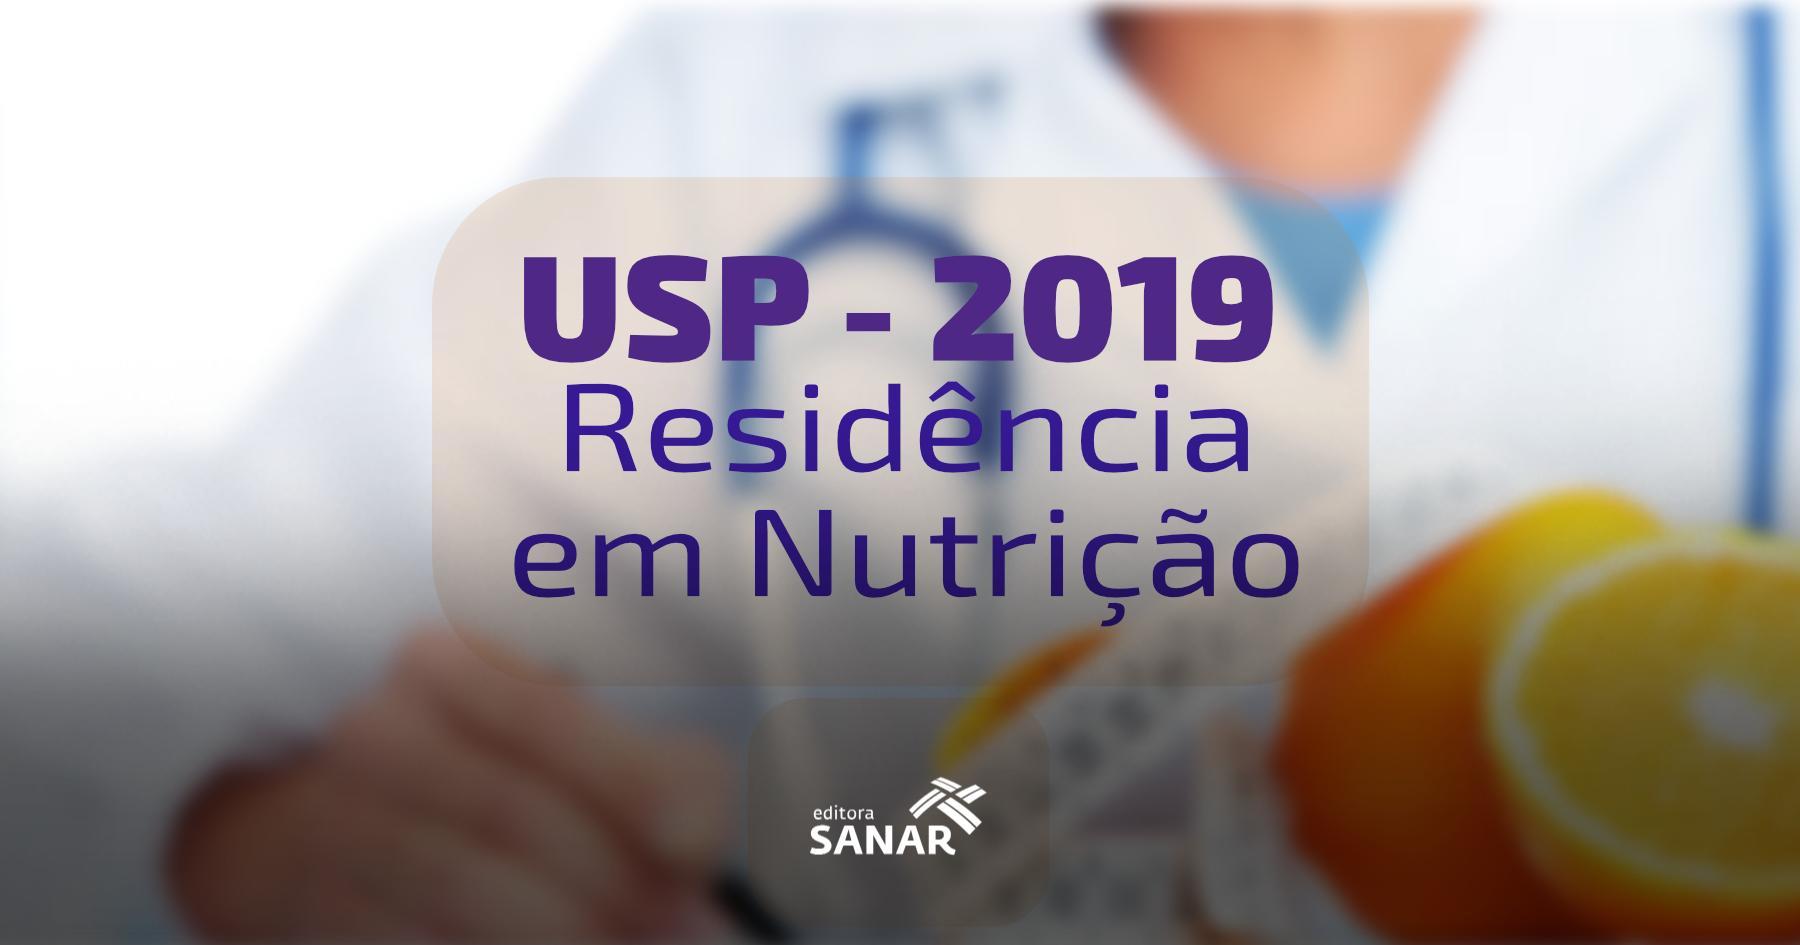 Residência USP 2019: O que cai na prova de Nutrição